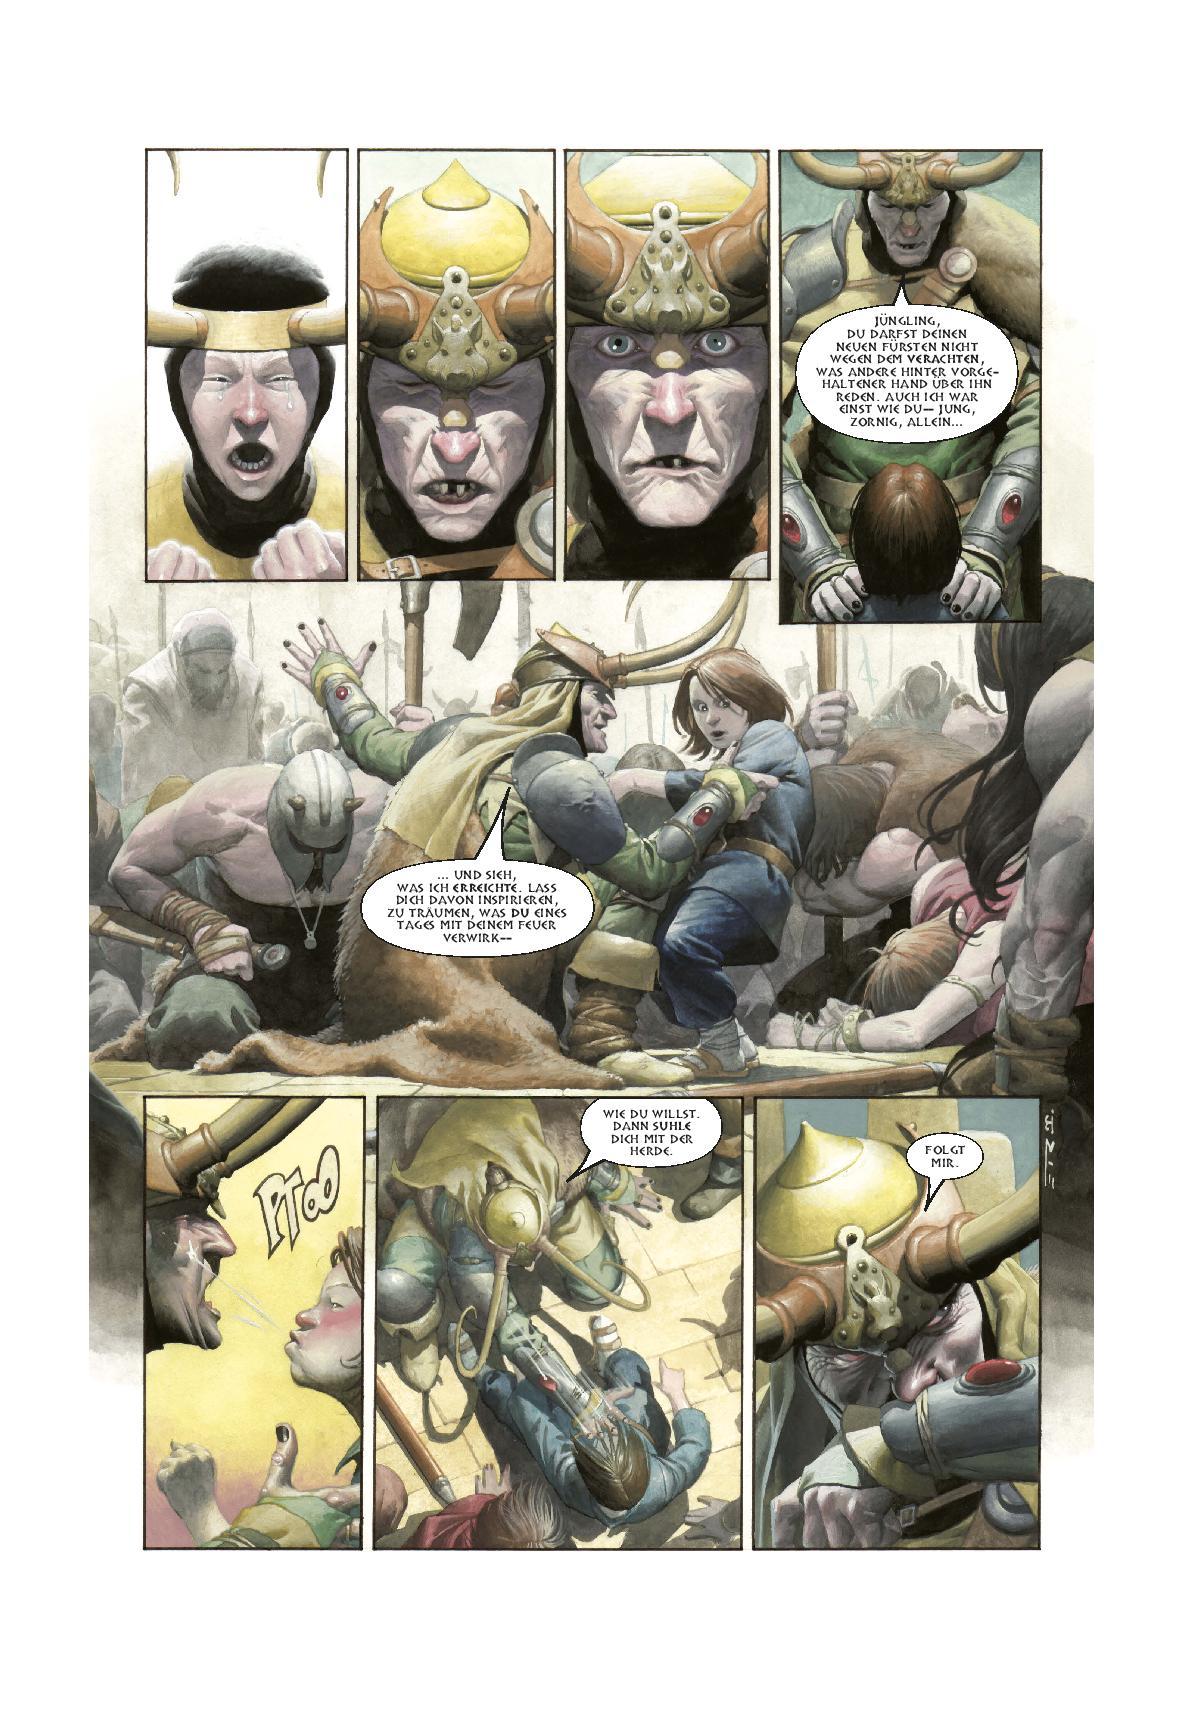 Marvel Comic | LOKI | Panini Verlag (aus dem Inhalt)